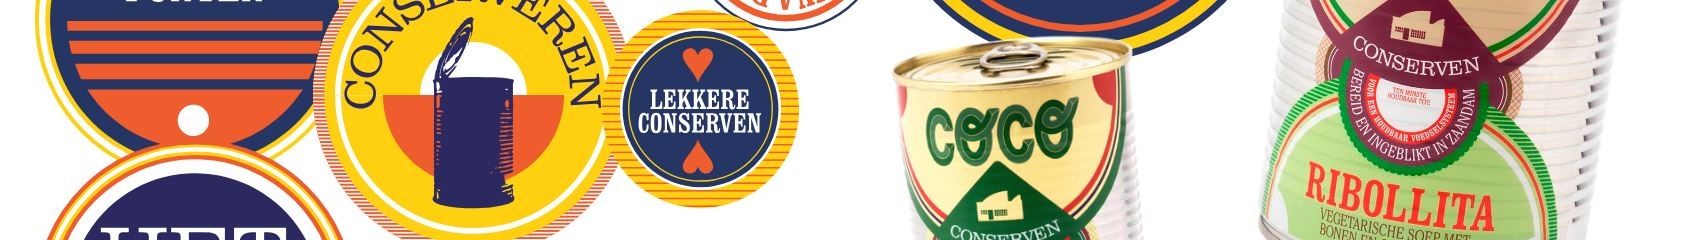 Coco Conserven